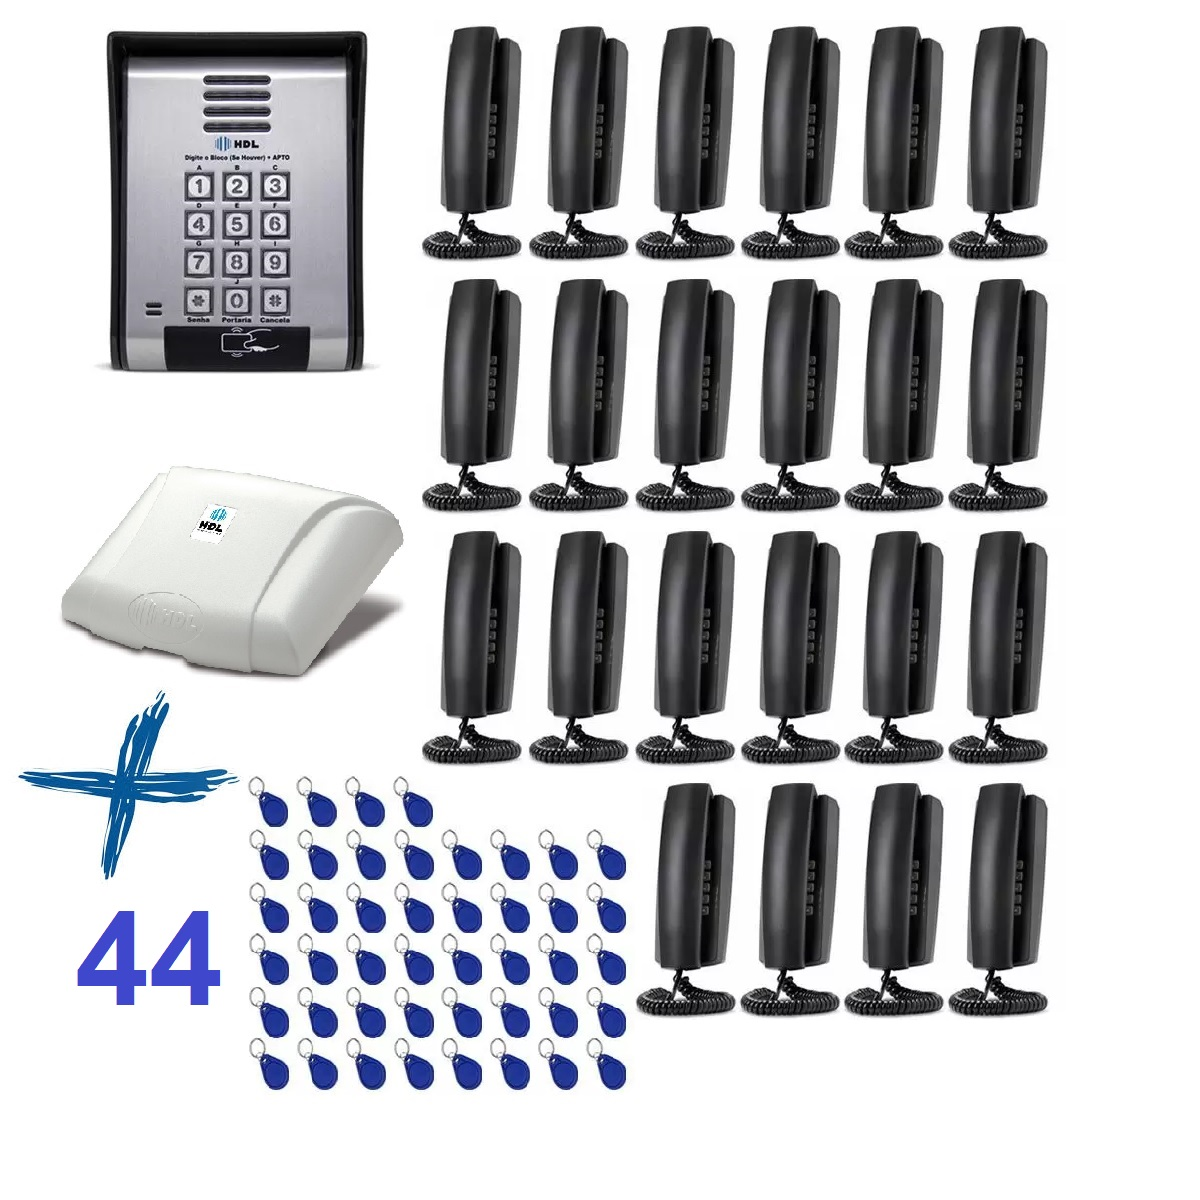 Porteiro Eletrônico HDL Coletivo 22 Pontos e 44 Controle de Acesso Tag